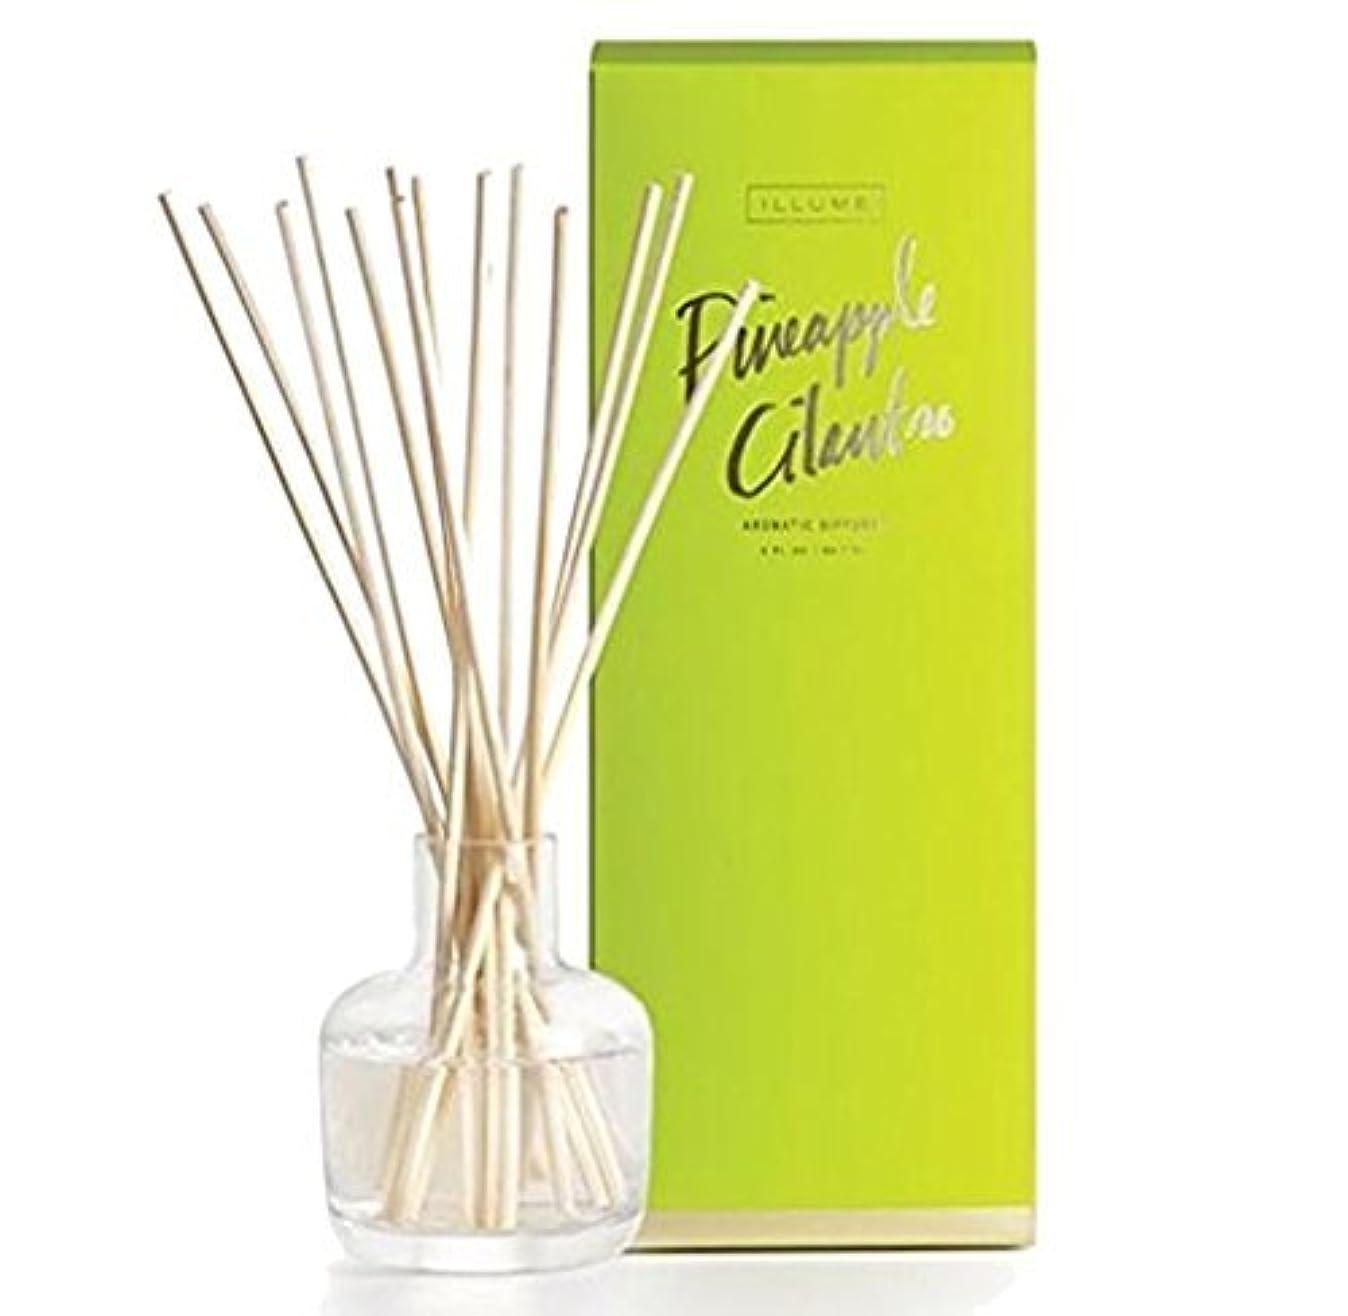 唇暗殺するアンティークIllume Pineapple Cilantro Essential Diffuser 3 oz [並行輸入品]